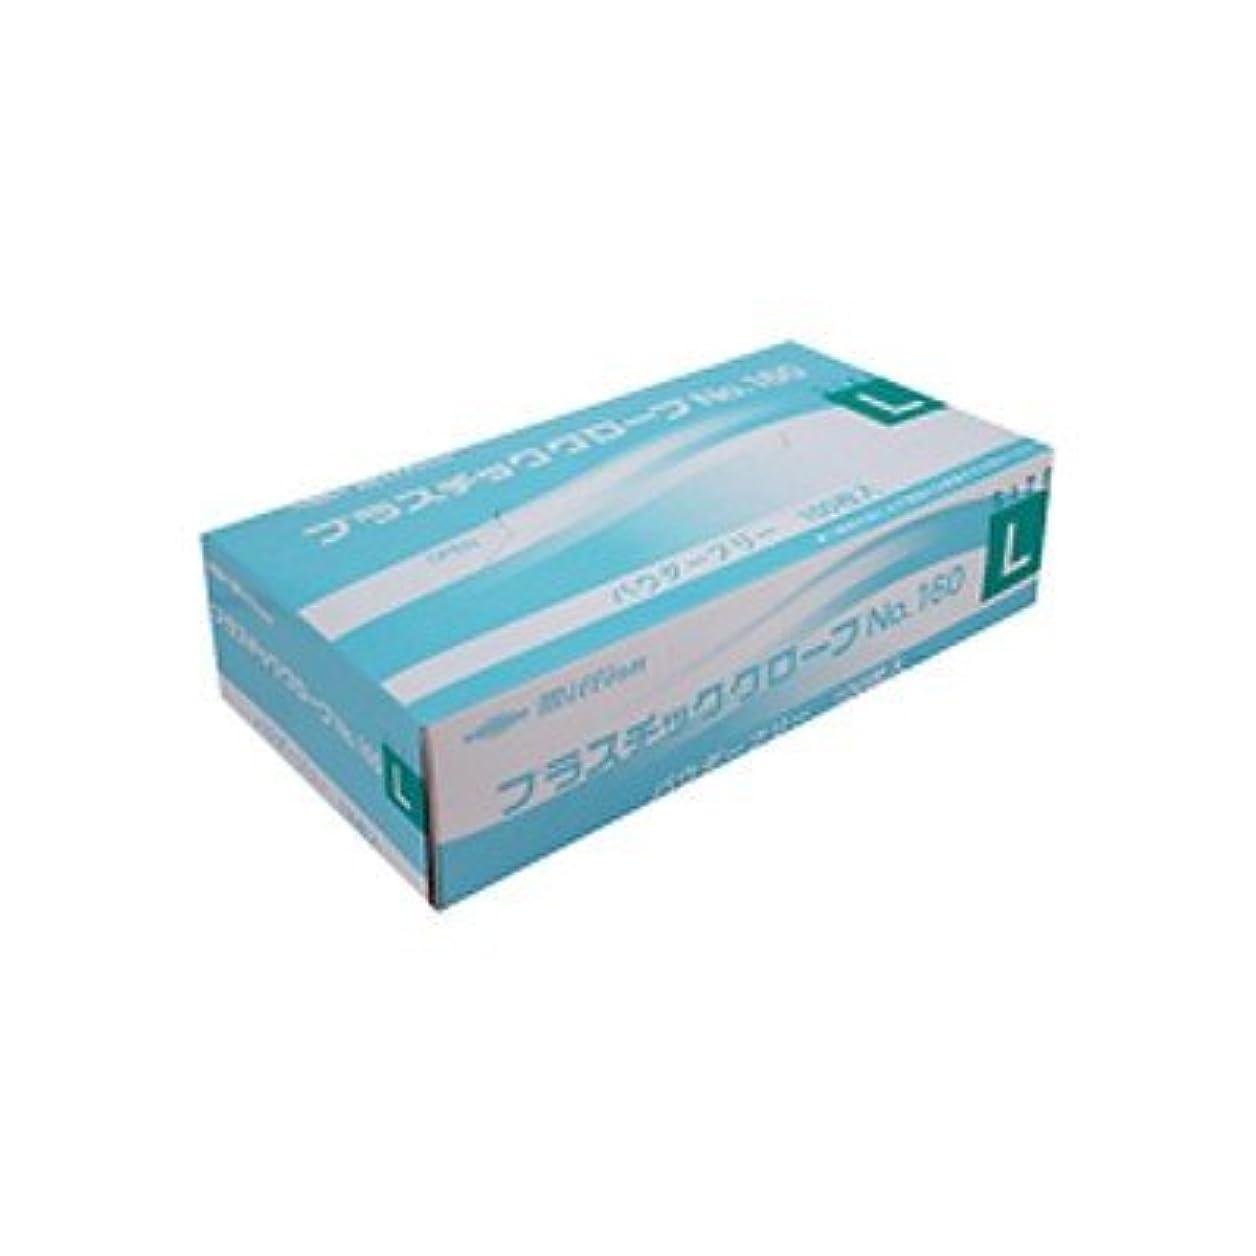 故意にベジタリアンブロックするミリオン プラスチック手袋 粉無 No.160 L 品番:LH-160-L 注文番号:62741590 メーカー:共和